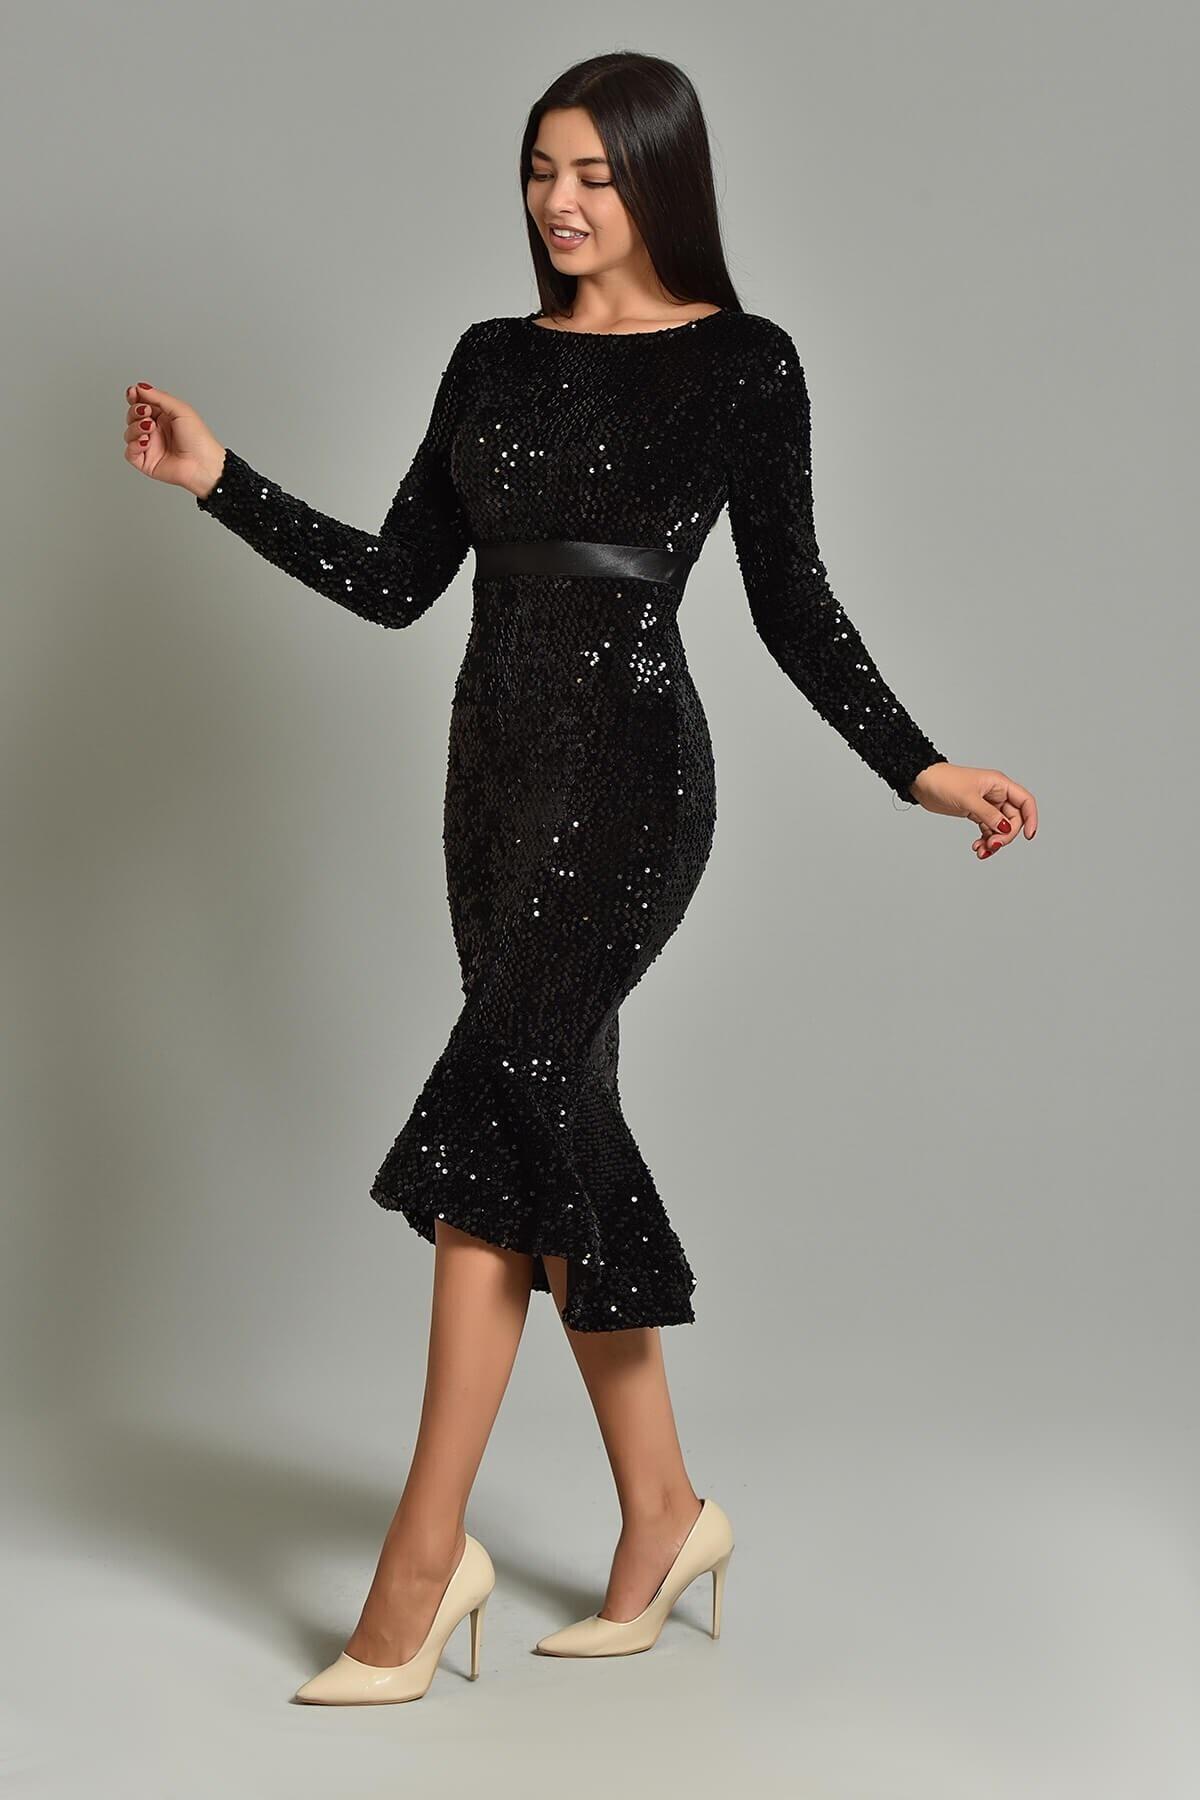 Modakapimda Siyah Pul Payet Eteği Volanlı Abiye Elbise 1